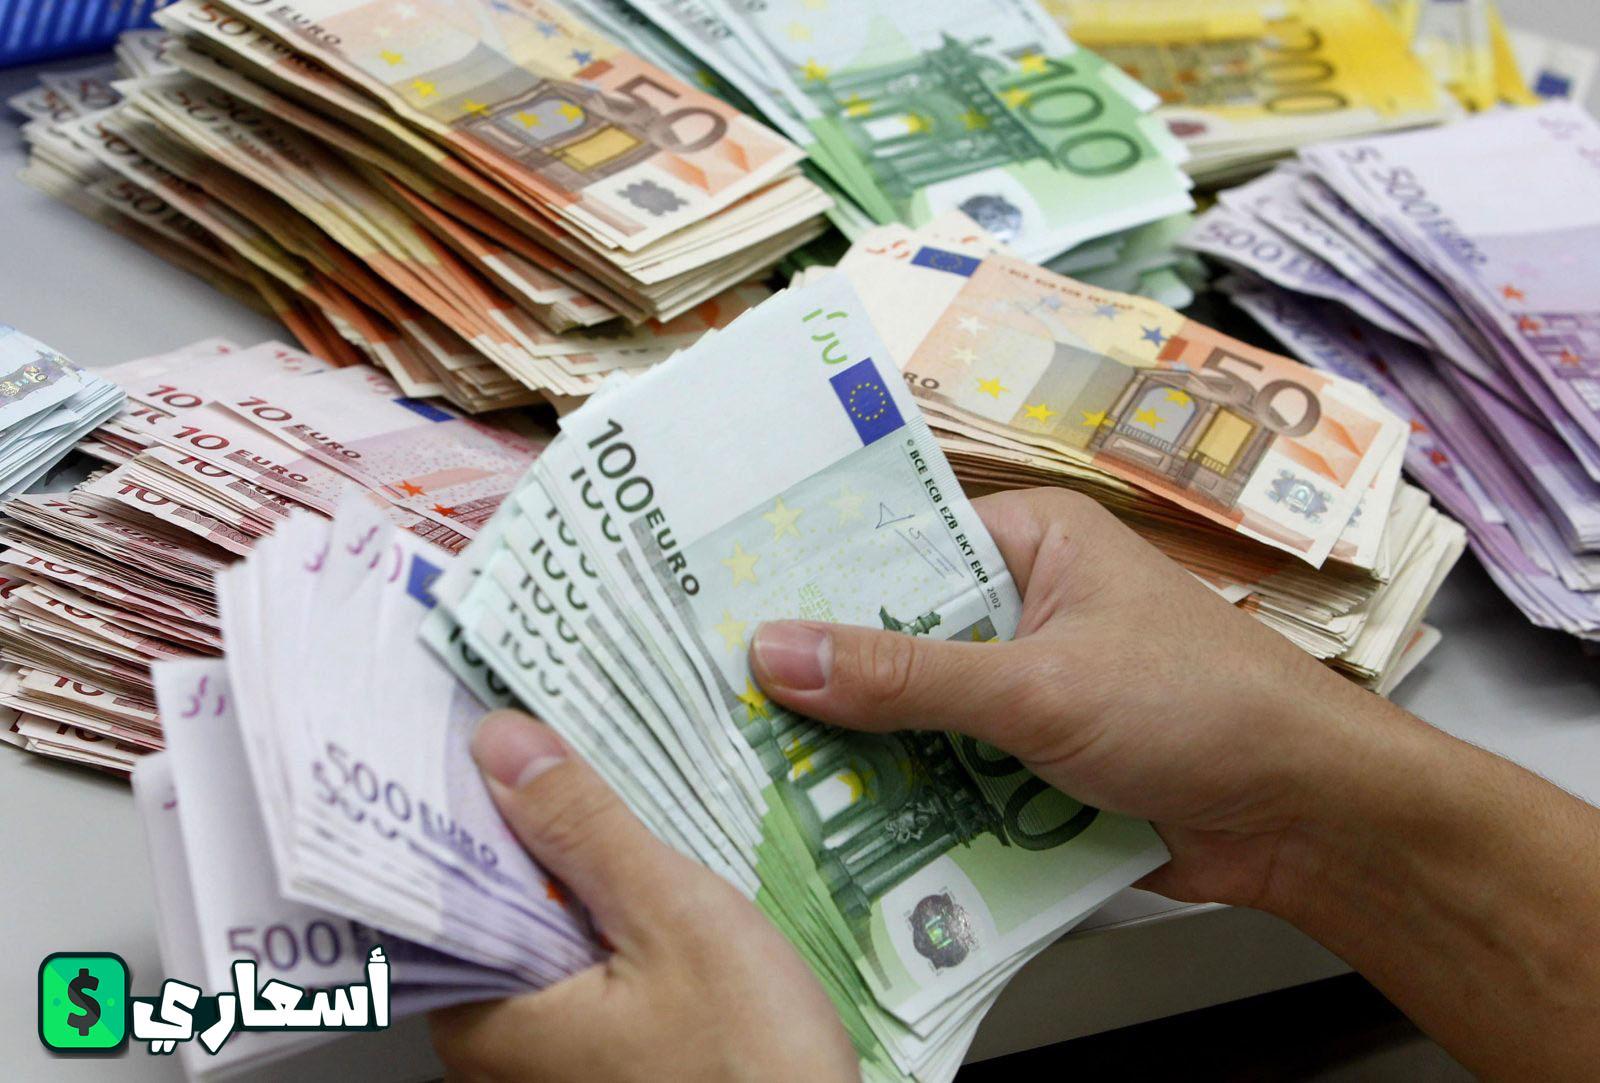 سعر اليورو اليوم فى السوق السوداء